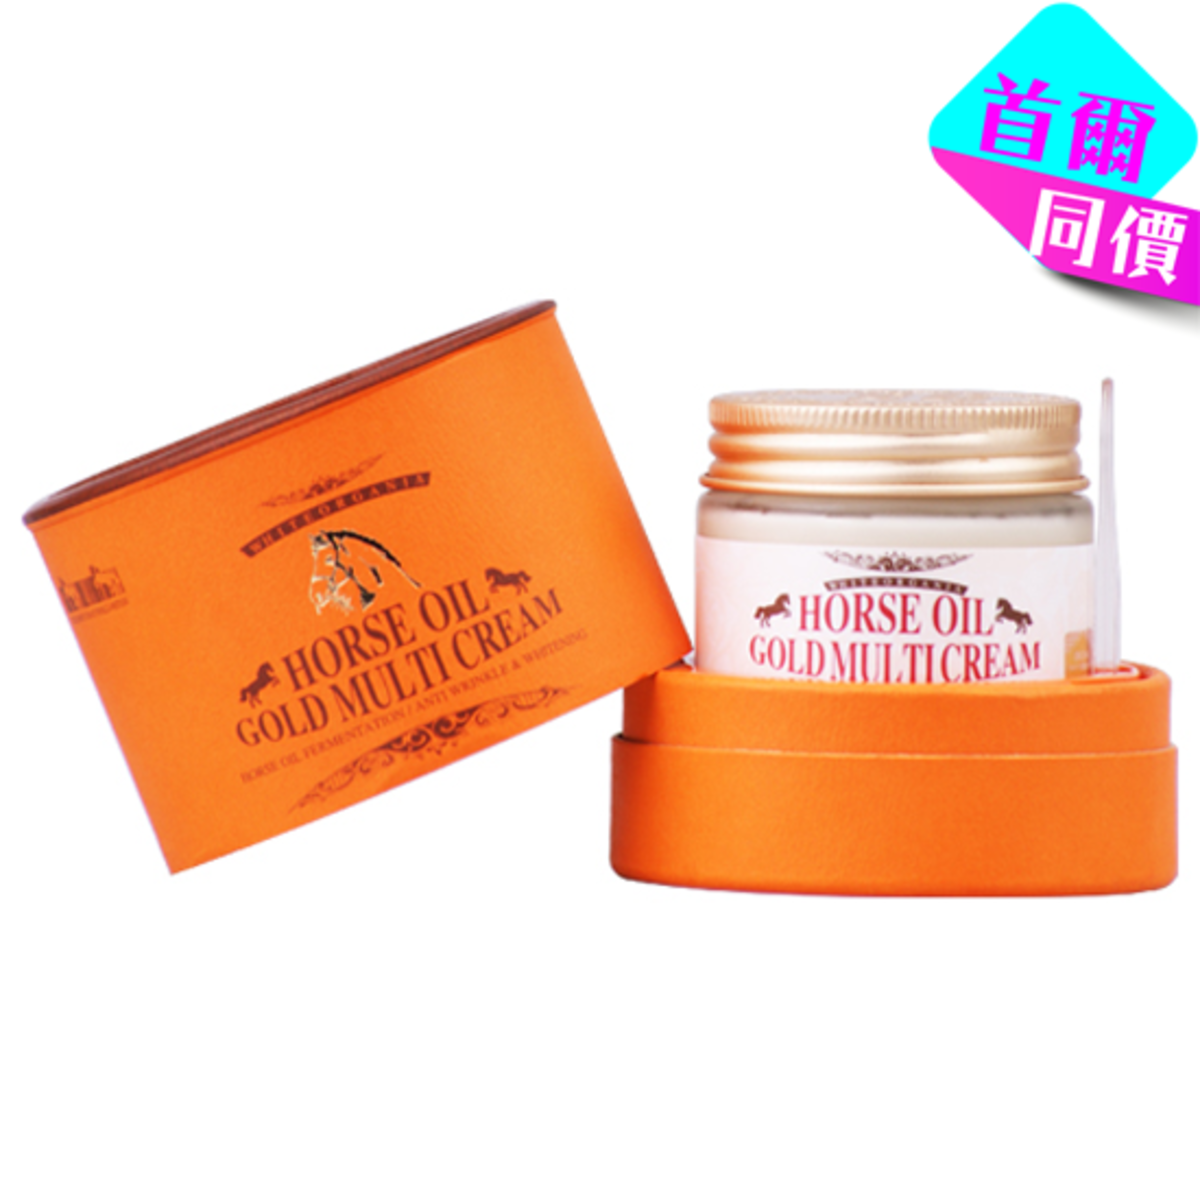 黃金馬油多功效潤膚霜